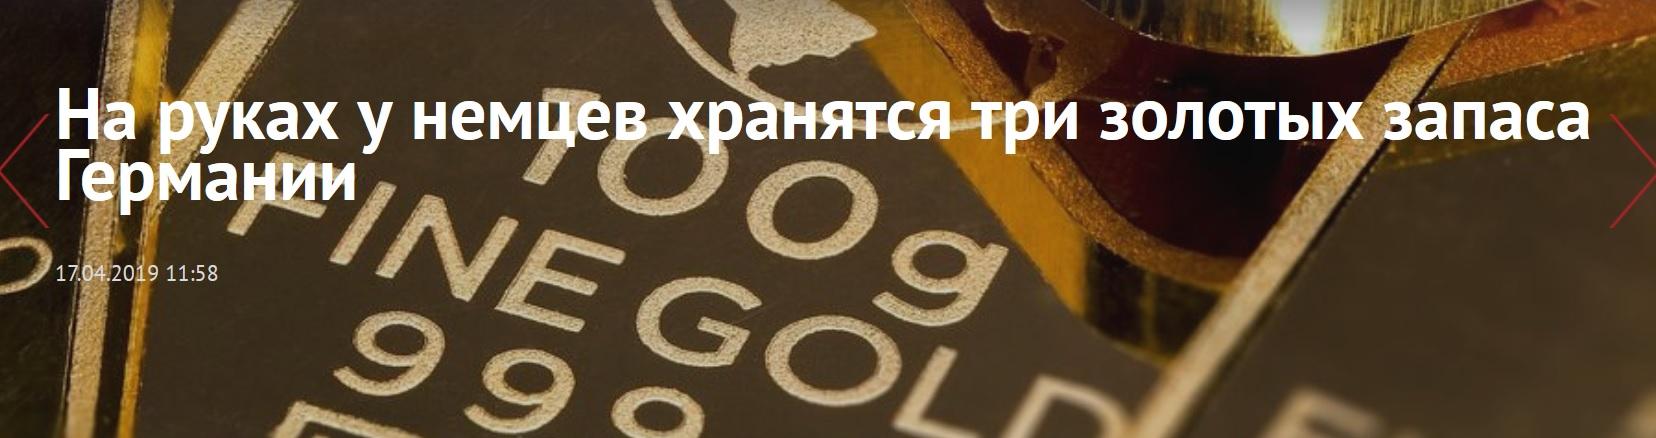 cc491c0d3b.jpg